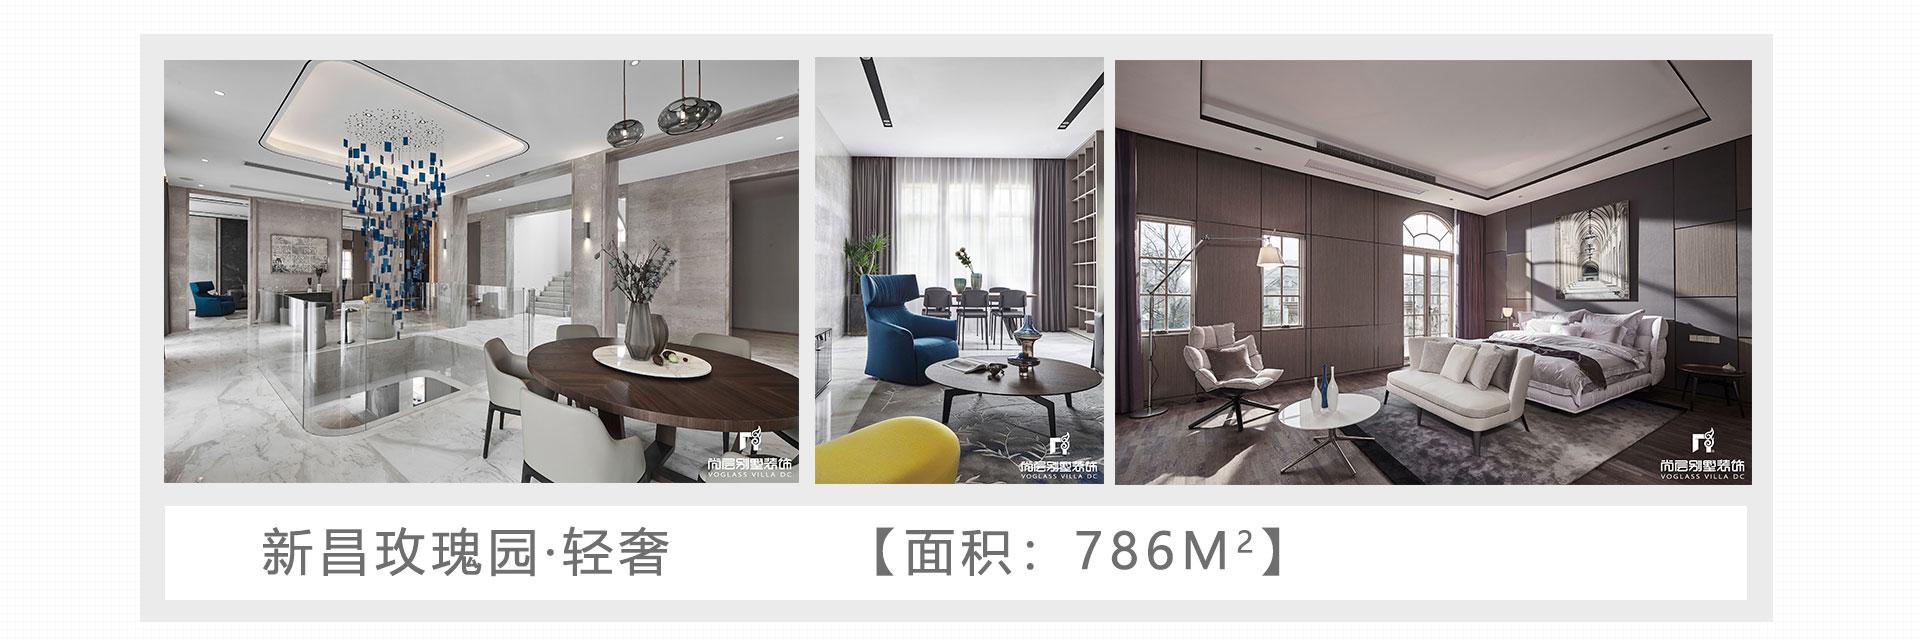 私宅实景作品全国巡展——杭州站